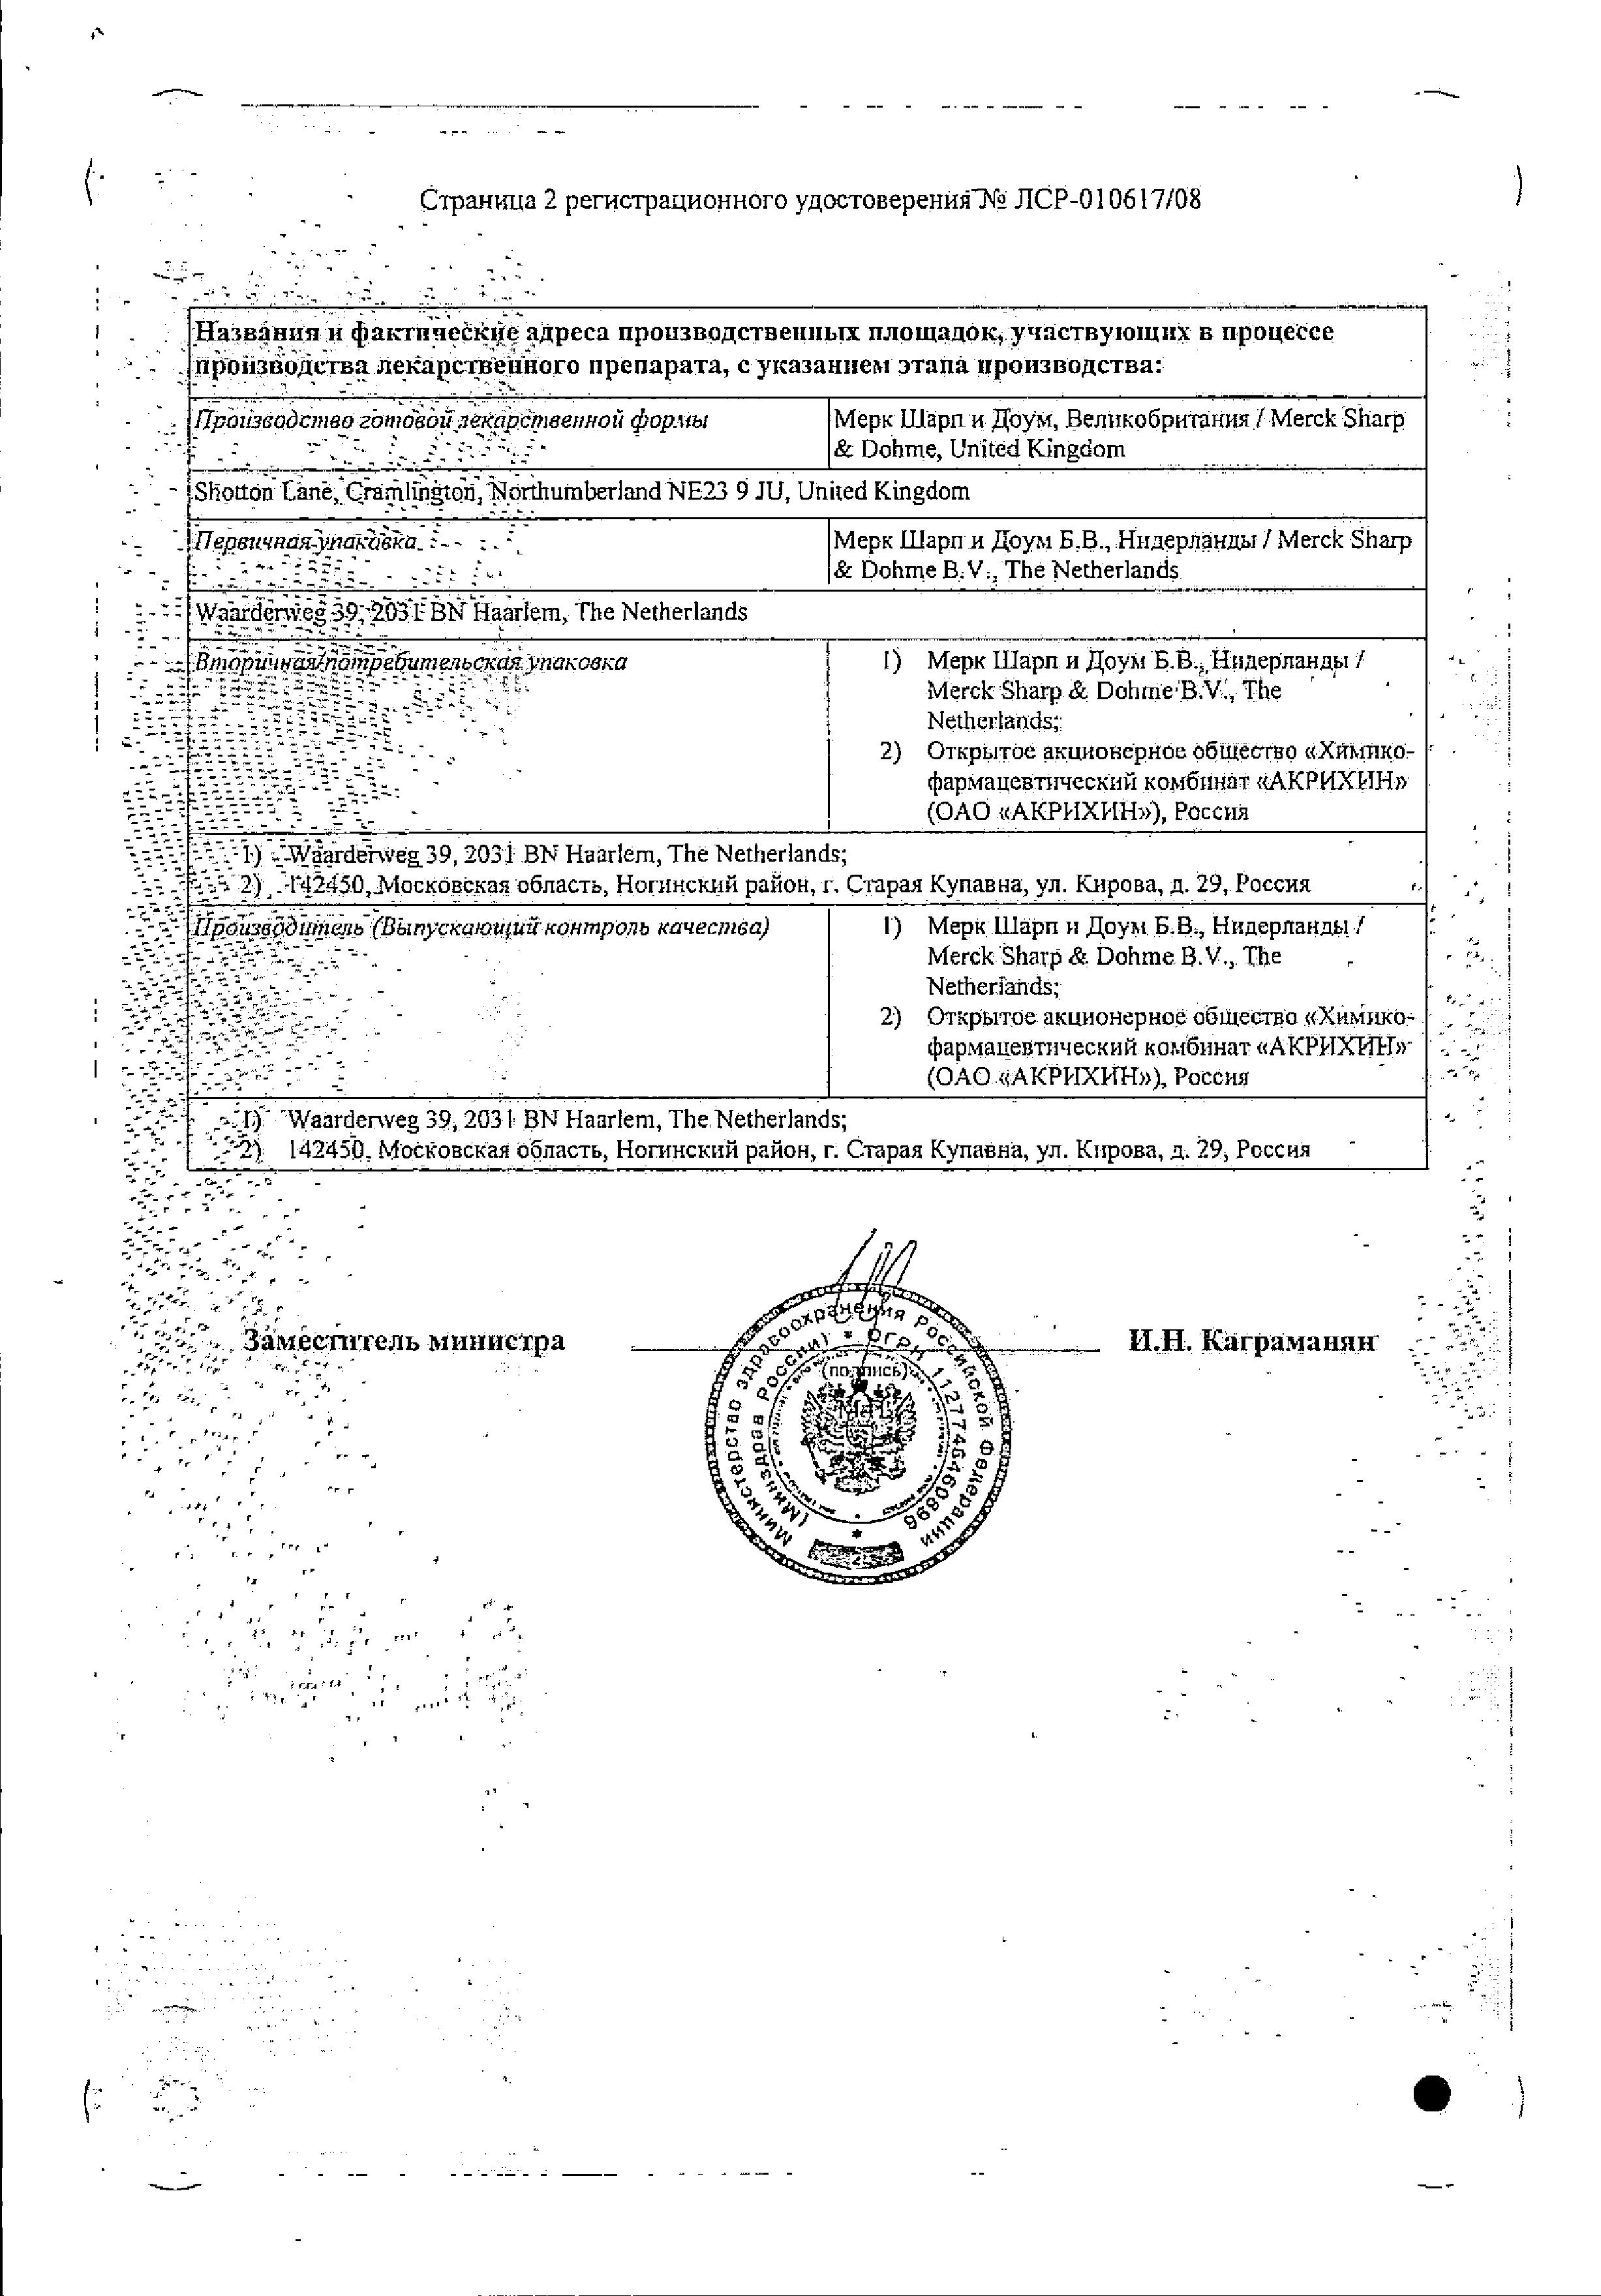 Козаар сертификат